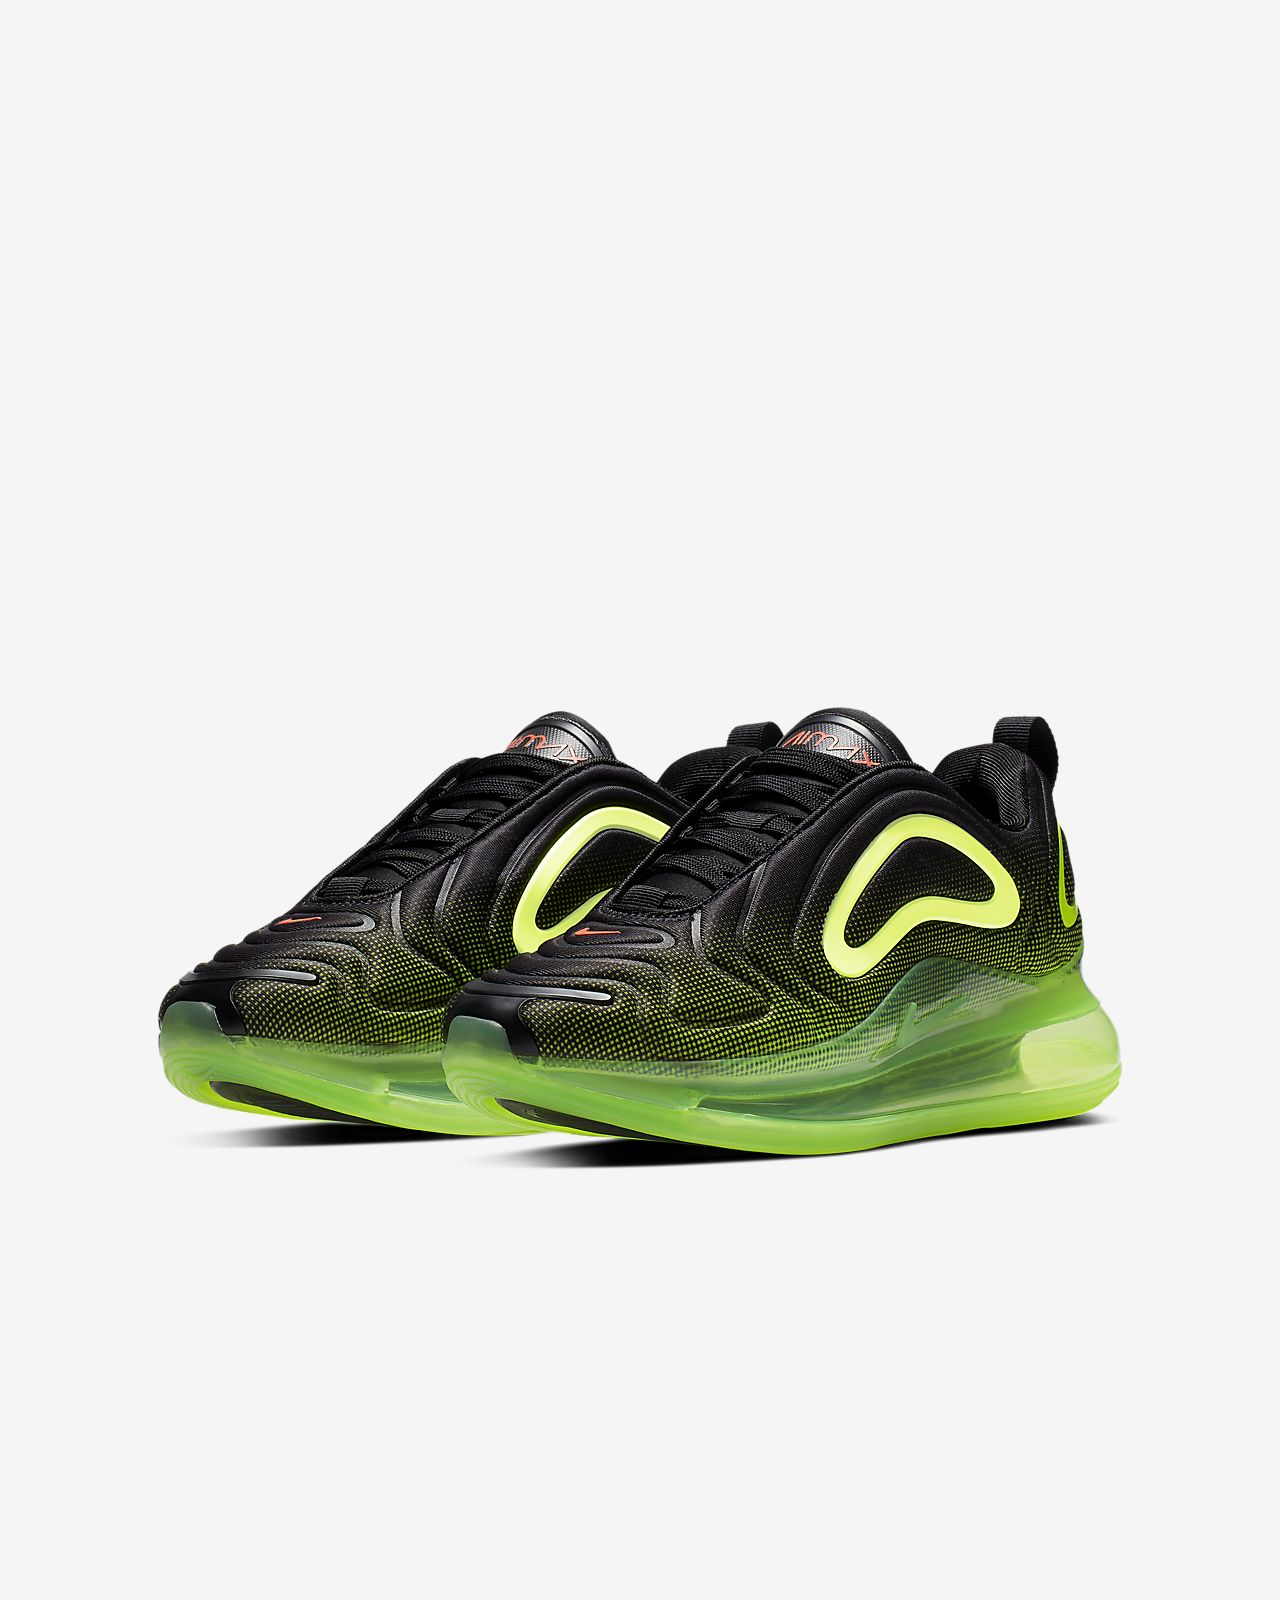 574a8417610 Chaussure Nike Air Max 720 pour Jeune enfant Enfant plus âgé. Nike ...